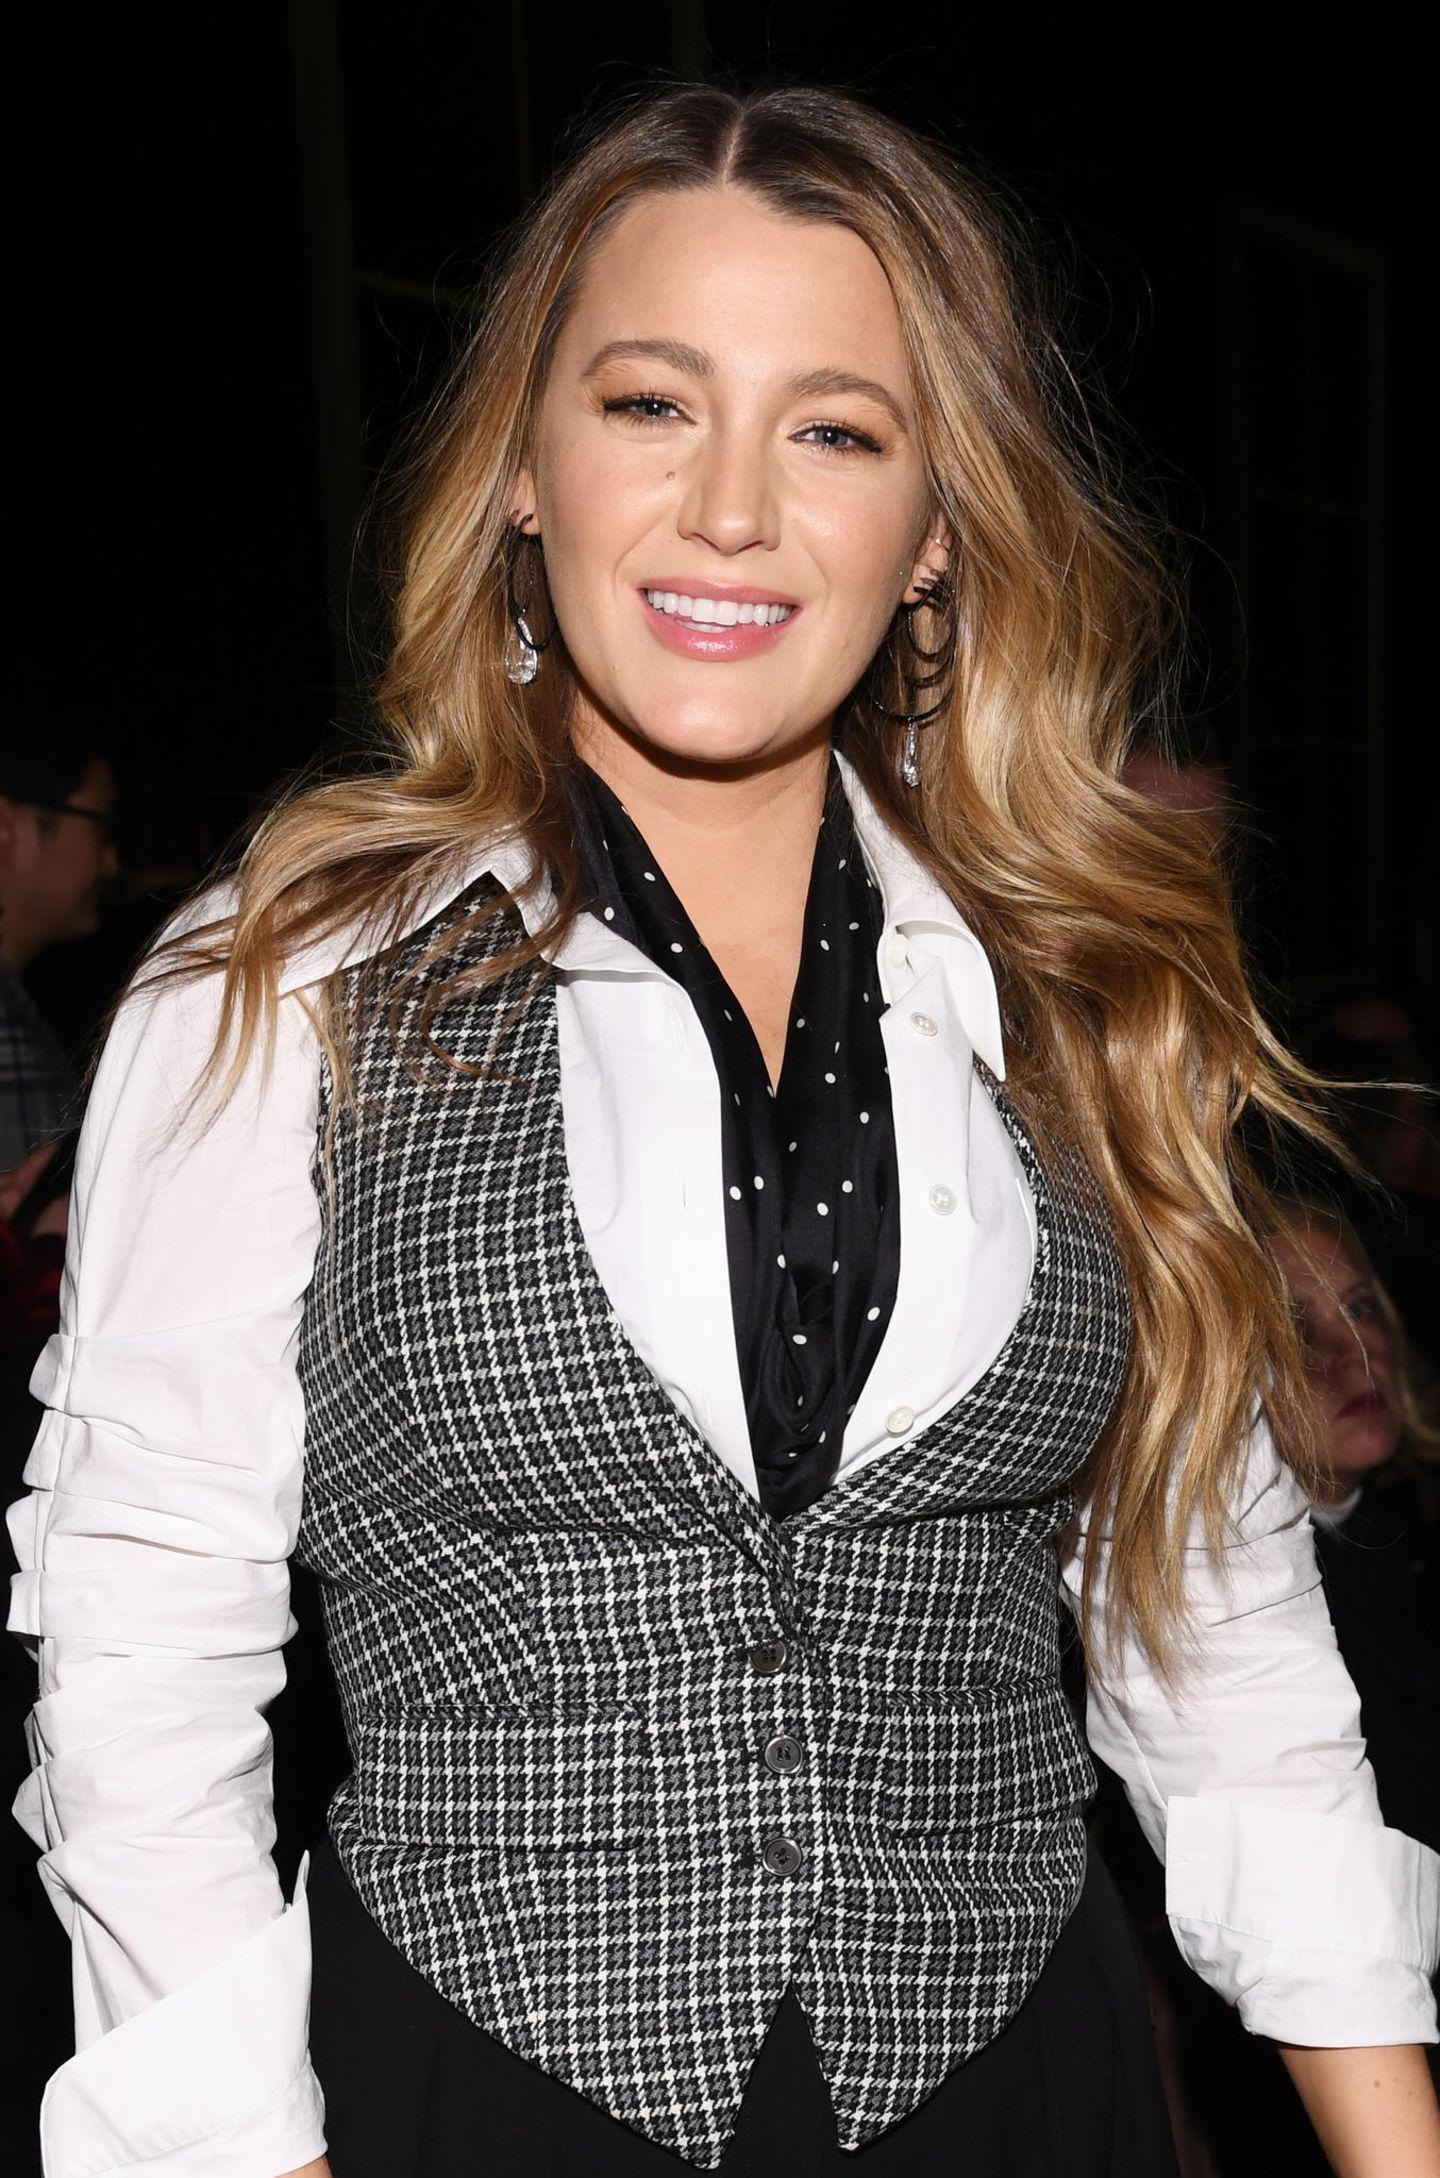 """Auch mit 33 Jahren sieht Blake Lively noch immer genauso aus, wie wir sie aus""""Gossip Girl"""" in Erinnerung haben. Das Einzige, was anders ist: Sie ist jetzt verheiratet und dreifache Mama."""